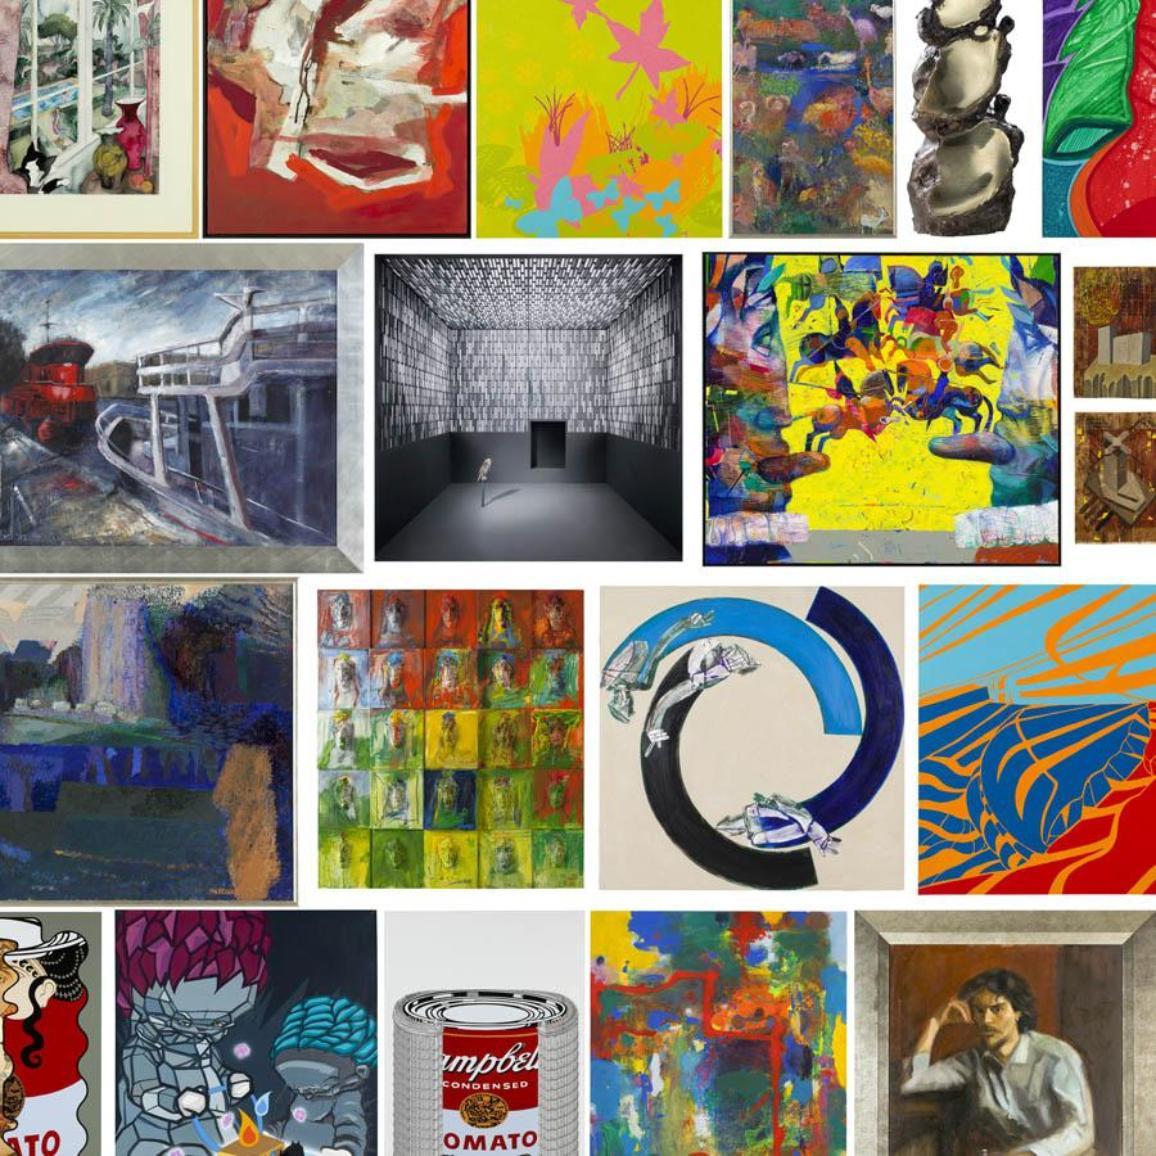 Jasmina Cibic, Andrej Jemec, Drago Tršar, Arjan Pregl, Lojze Logar in Gašper Jemec so tisti slovenski umetniki, katerih dela si lahko ogledate v spletni galeriji